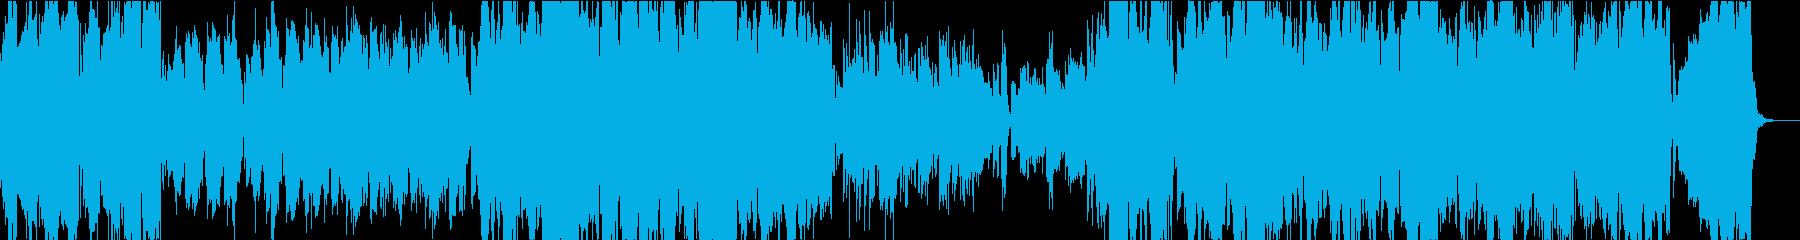 爽やかでポップなオーケストレーションの再生済みの波形